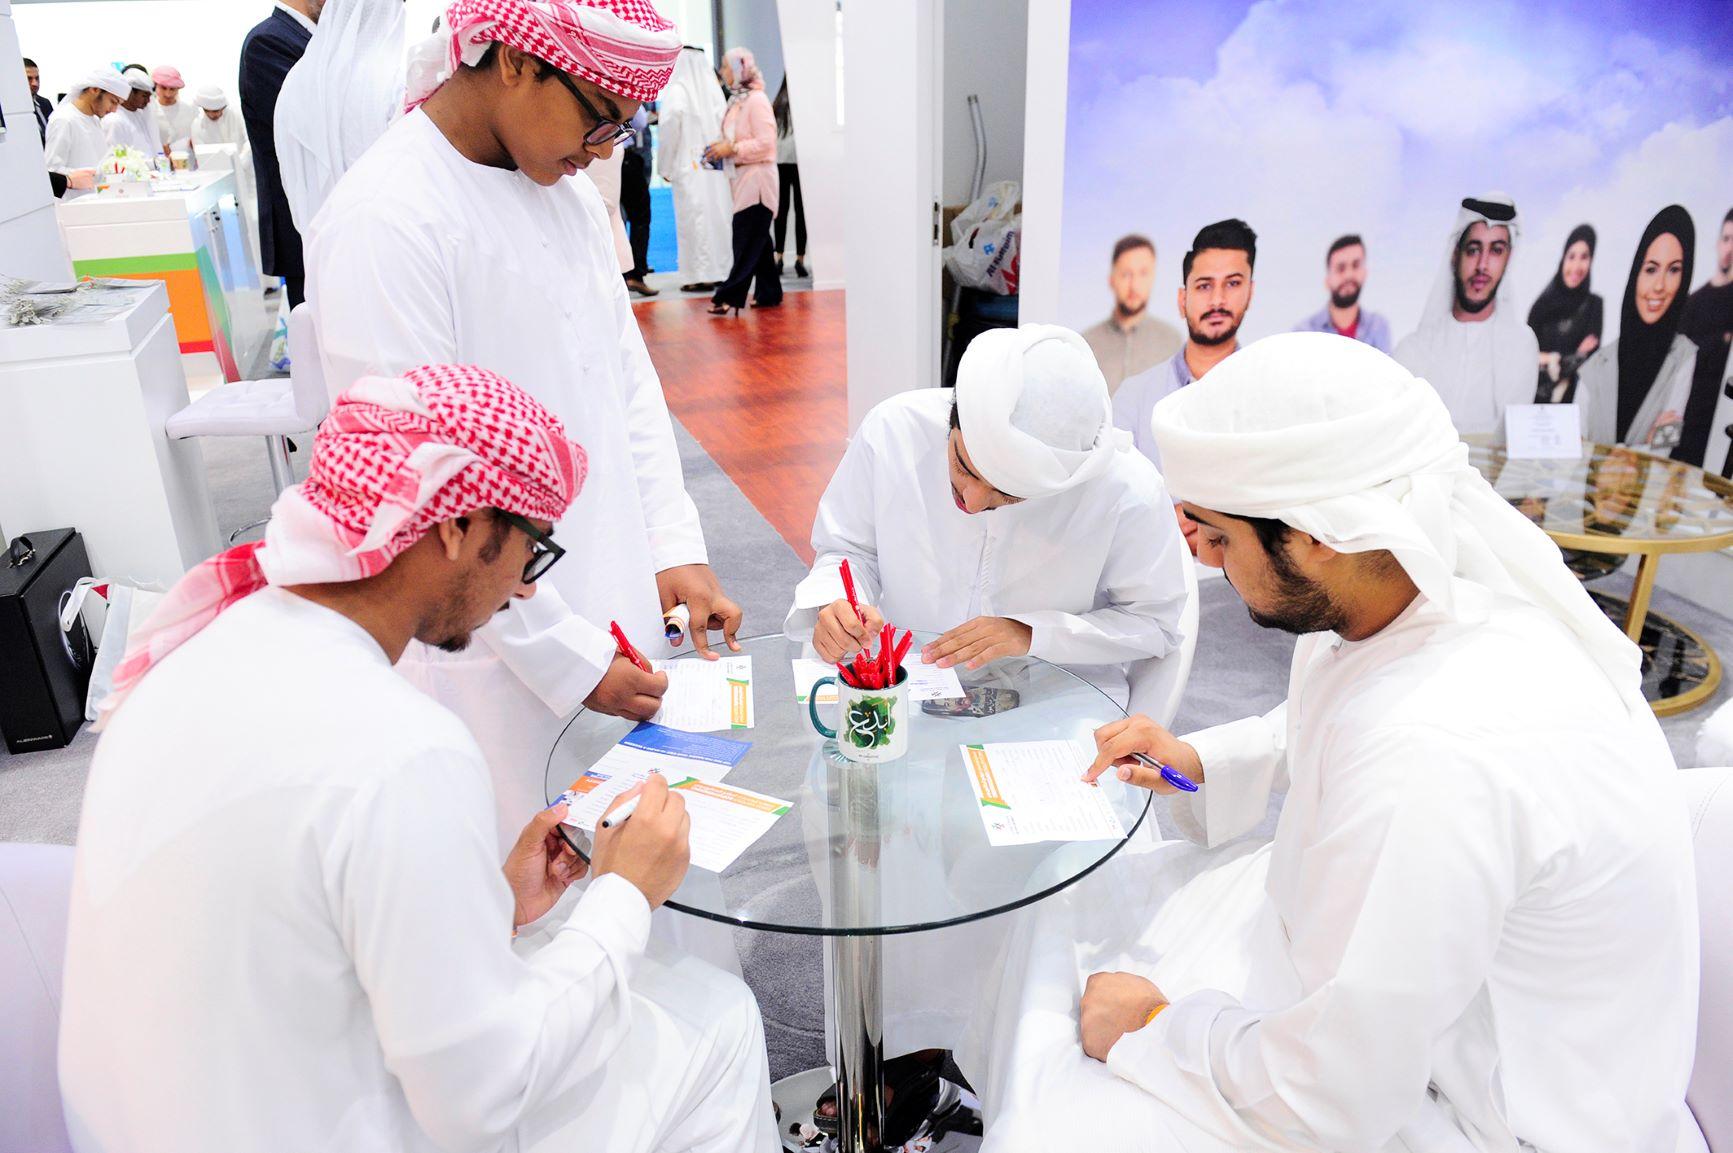 """جامعة أبوظبي تعرض برامجها وتخصصاتها خلال معرض """"نجاح"""" نهاية الشهر الحالي"""